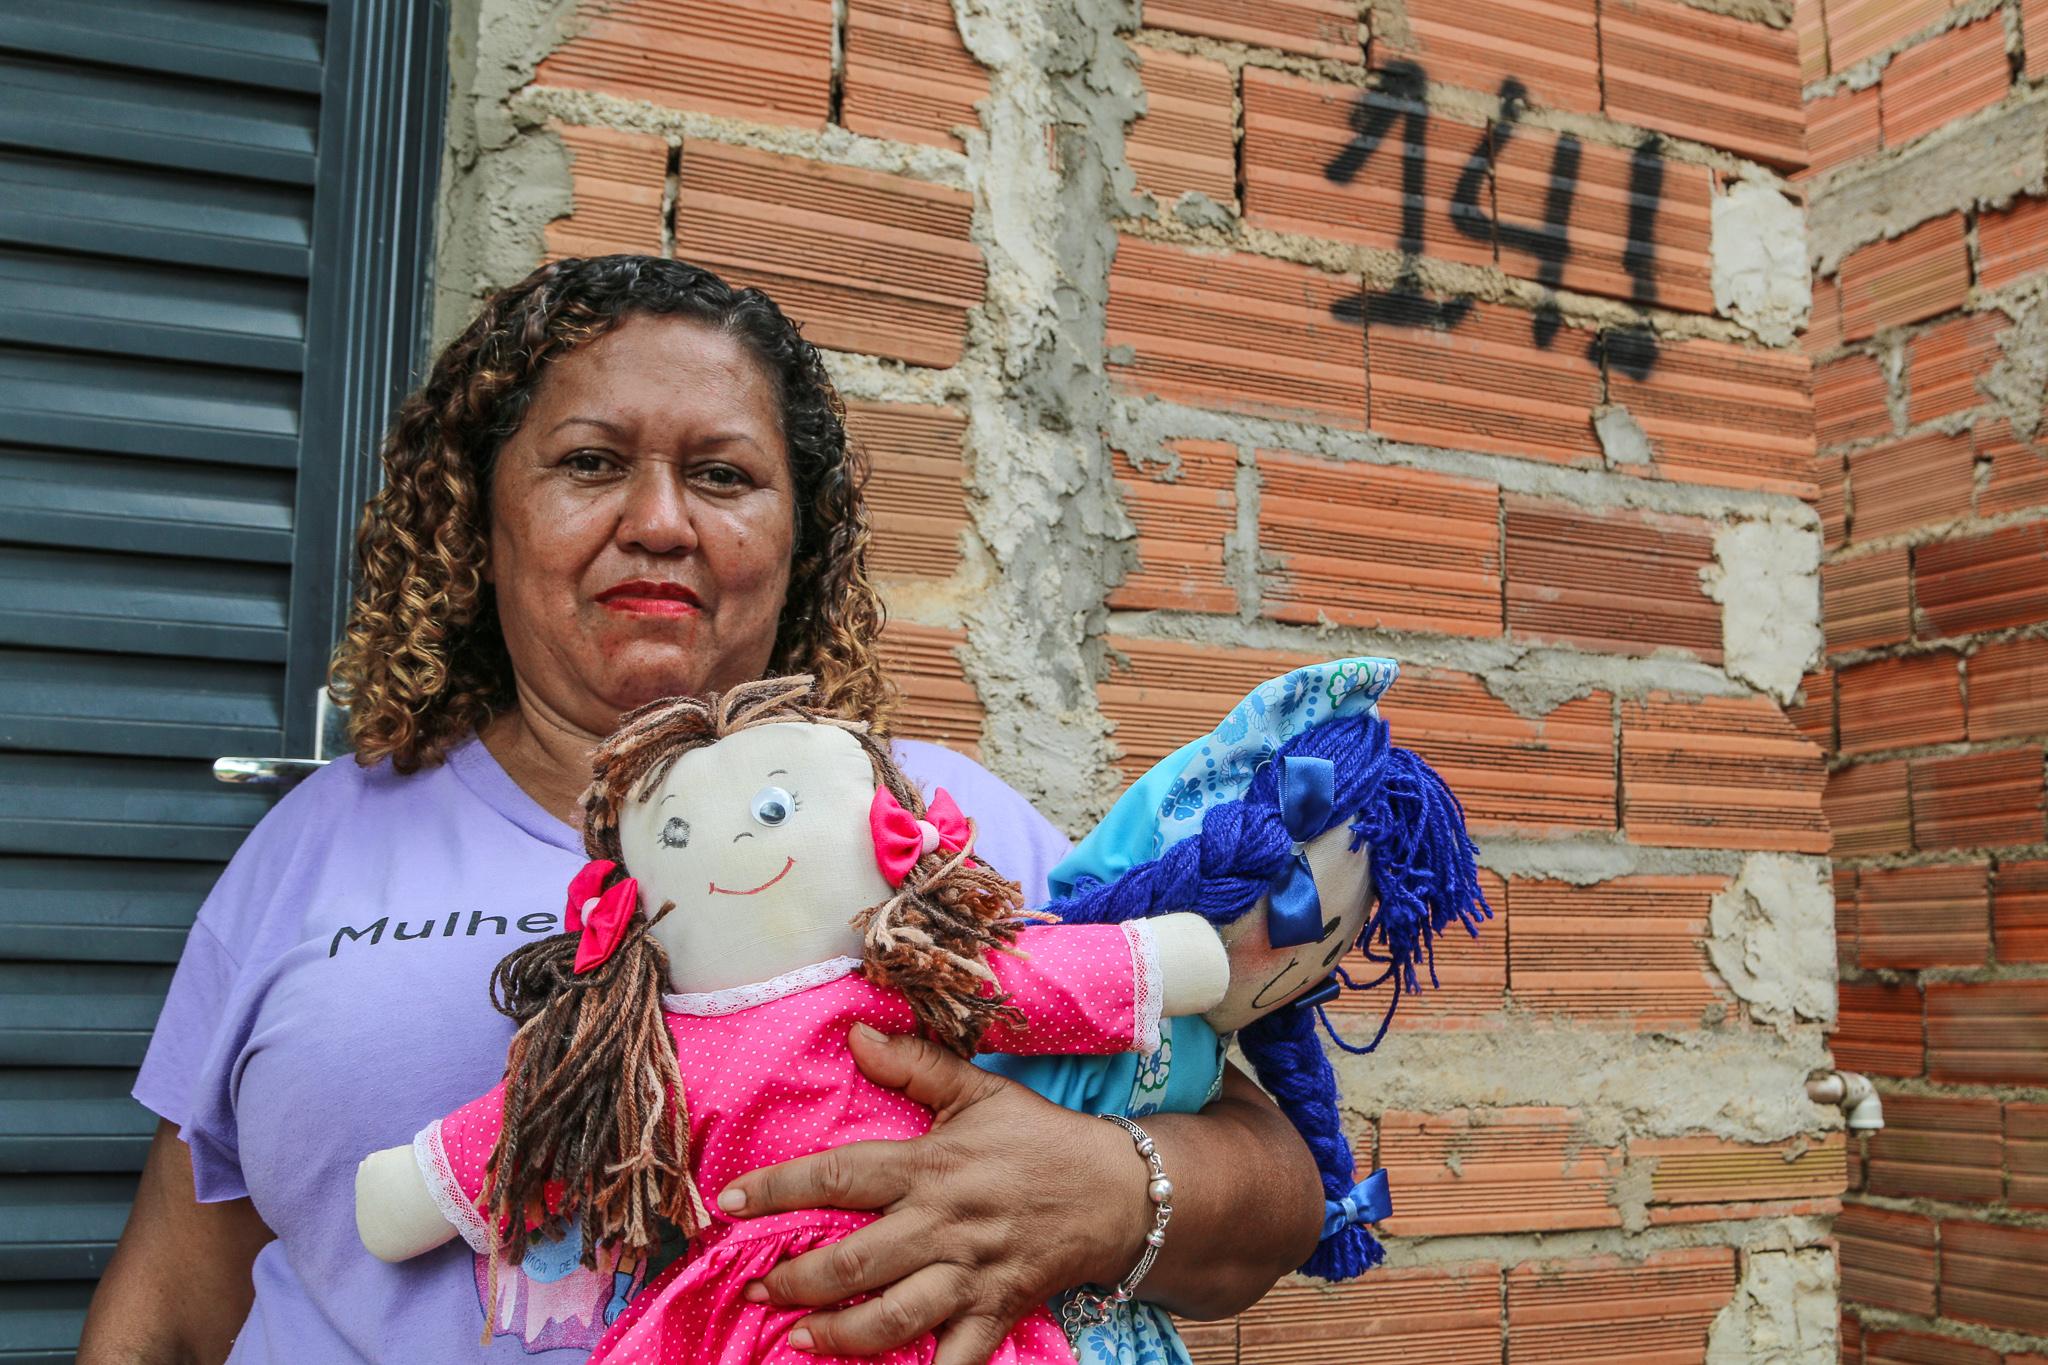 A guerreira que luta por direitos e contra a violência em bairro carente de Campinas (SP) 6